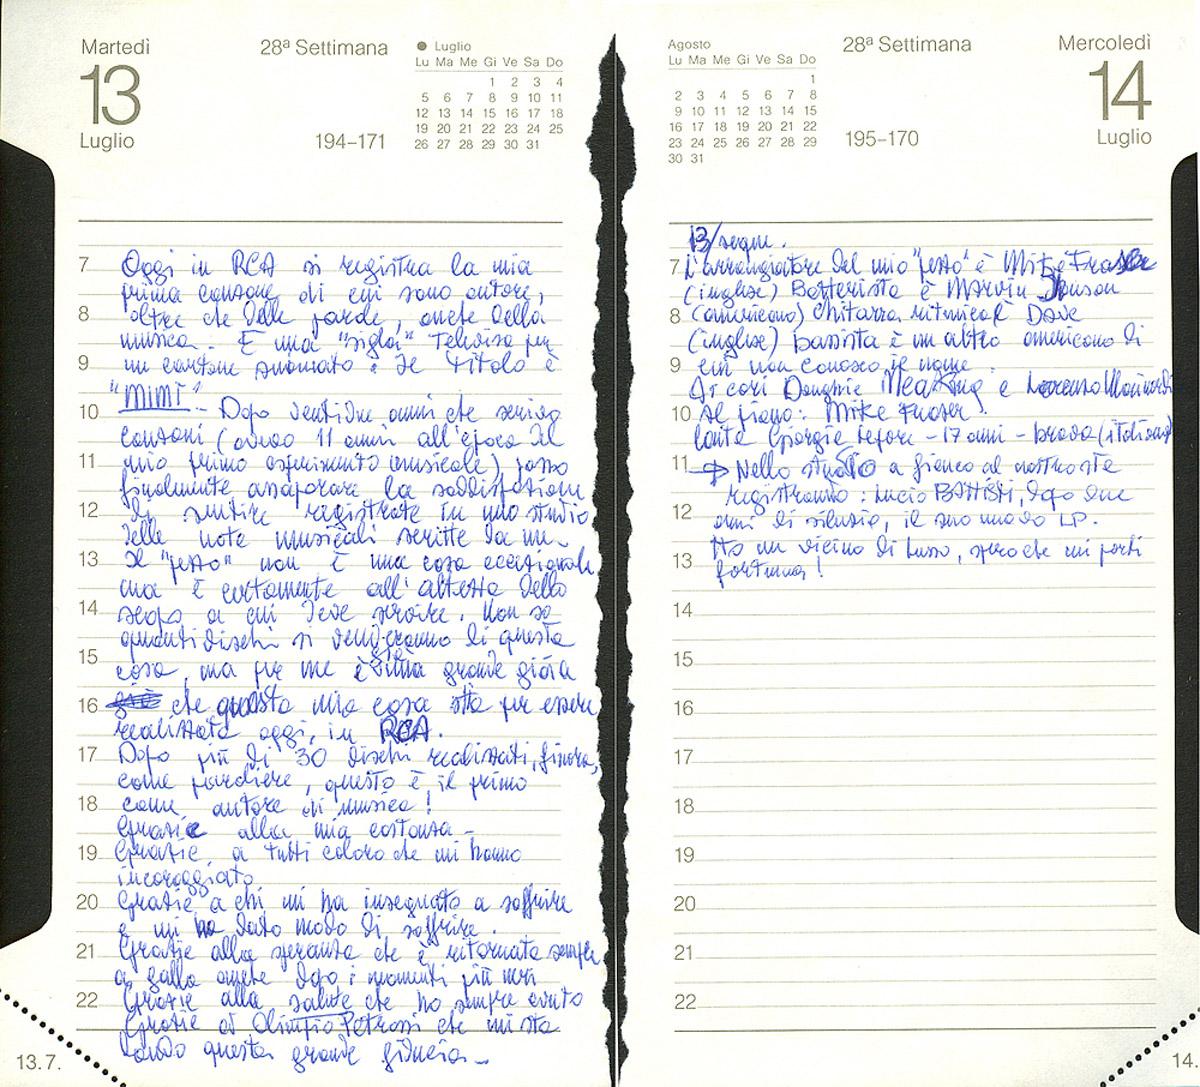 Pagine dell'agenda di Lucio che raccontano della registrazione di Mimì